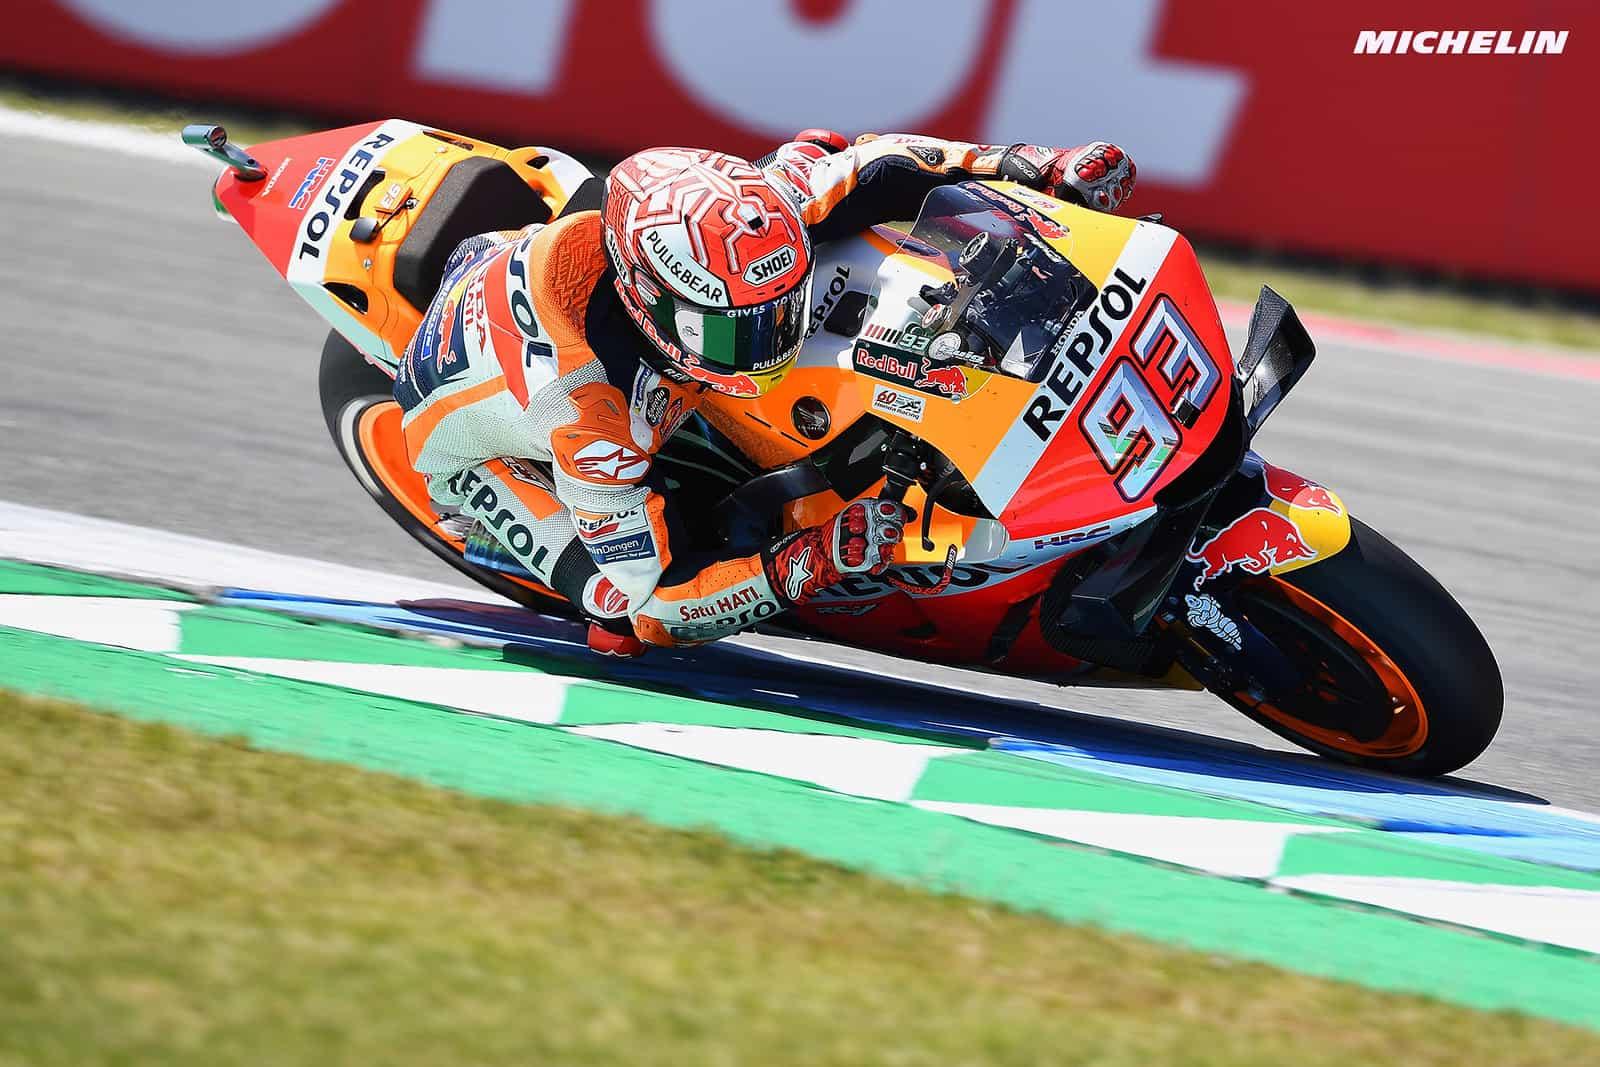 MotoGP2019オランダGP 2位マルケス「最初から優勝ではなく表彰台狙いだった」